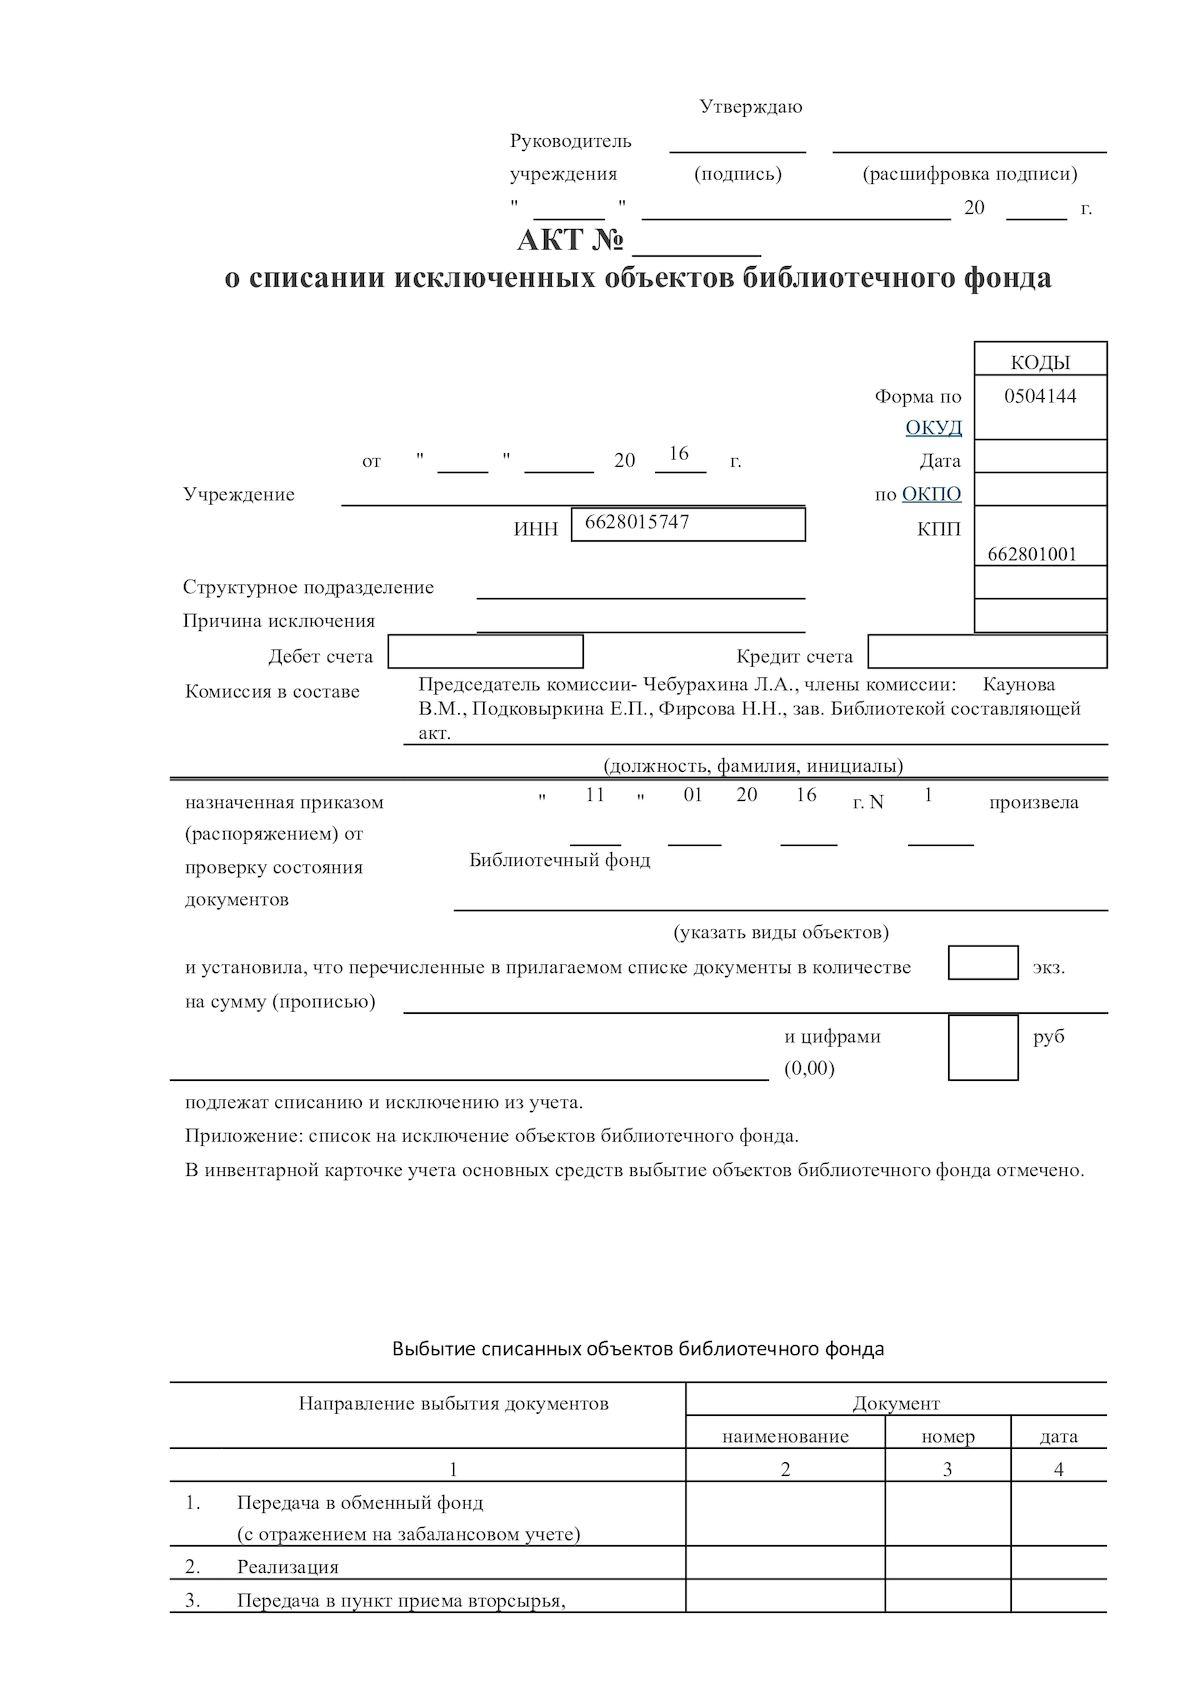 Списание библиотечного фонда и сдача макулатуры цена 1 кг макулатуры в смоленске